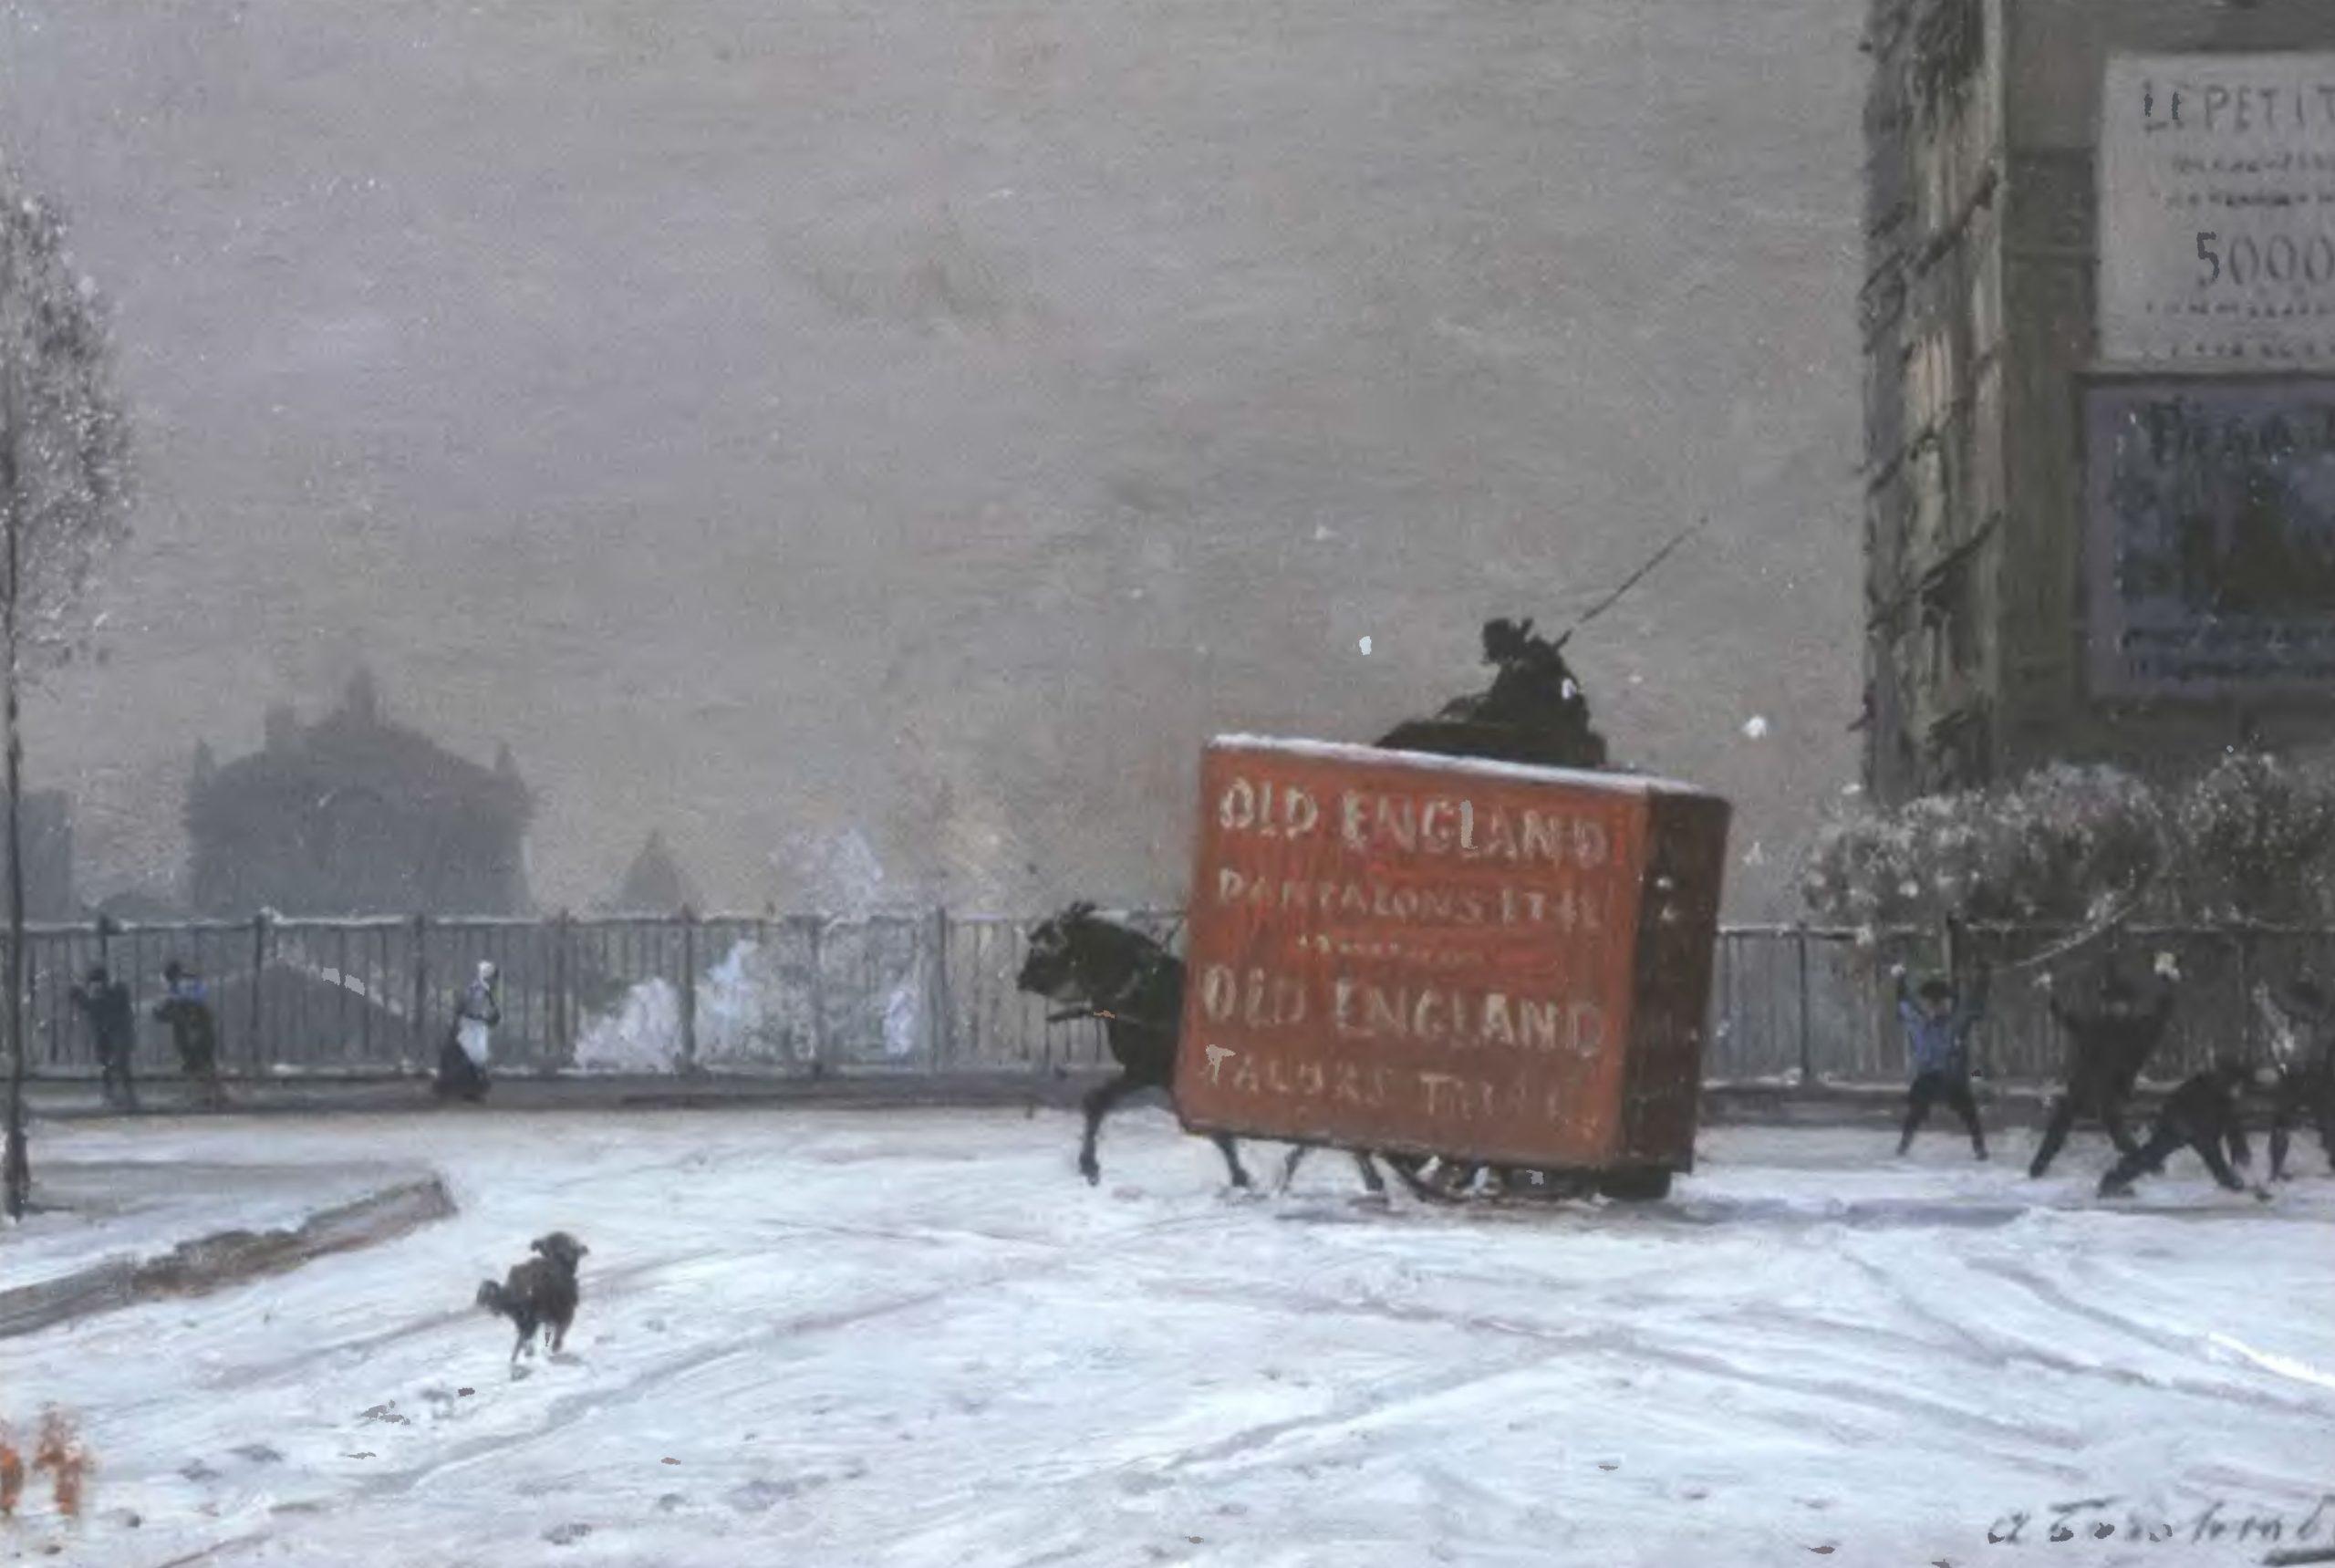 АЛЕКСЕЙ БОГОЛЮБОВ. Зима в Париже 1870-е. Дерево, масло 18 х 27 см. Саратовский государственный художественный музей